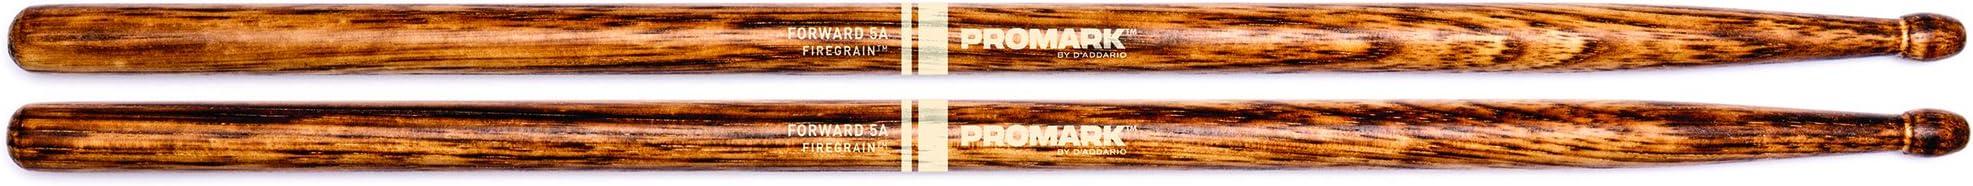 Promark Forward Balance 5A FireGrain Drumsticks